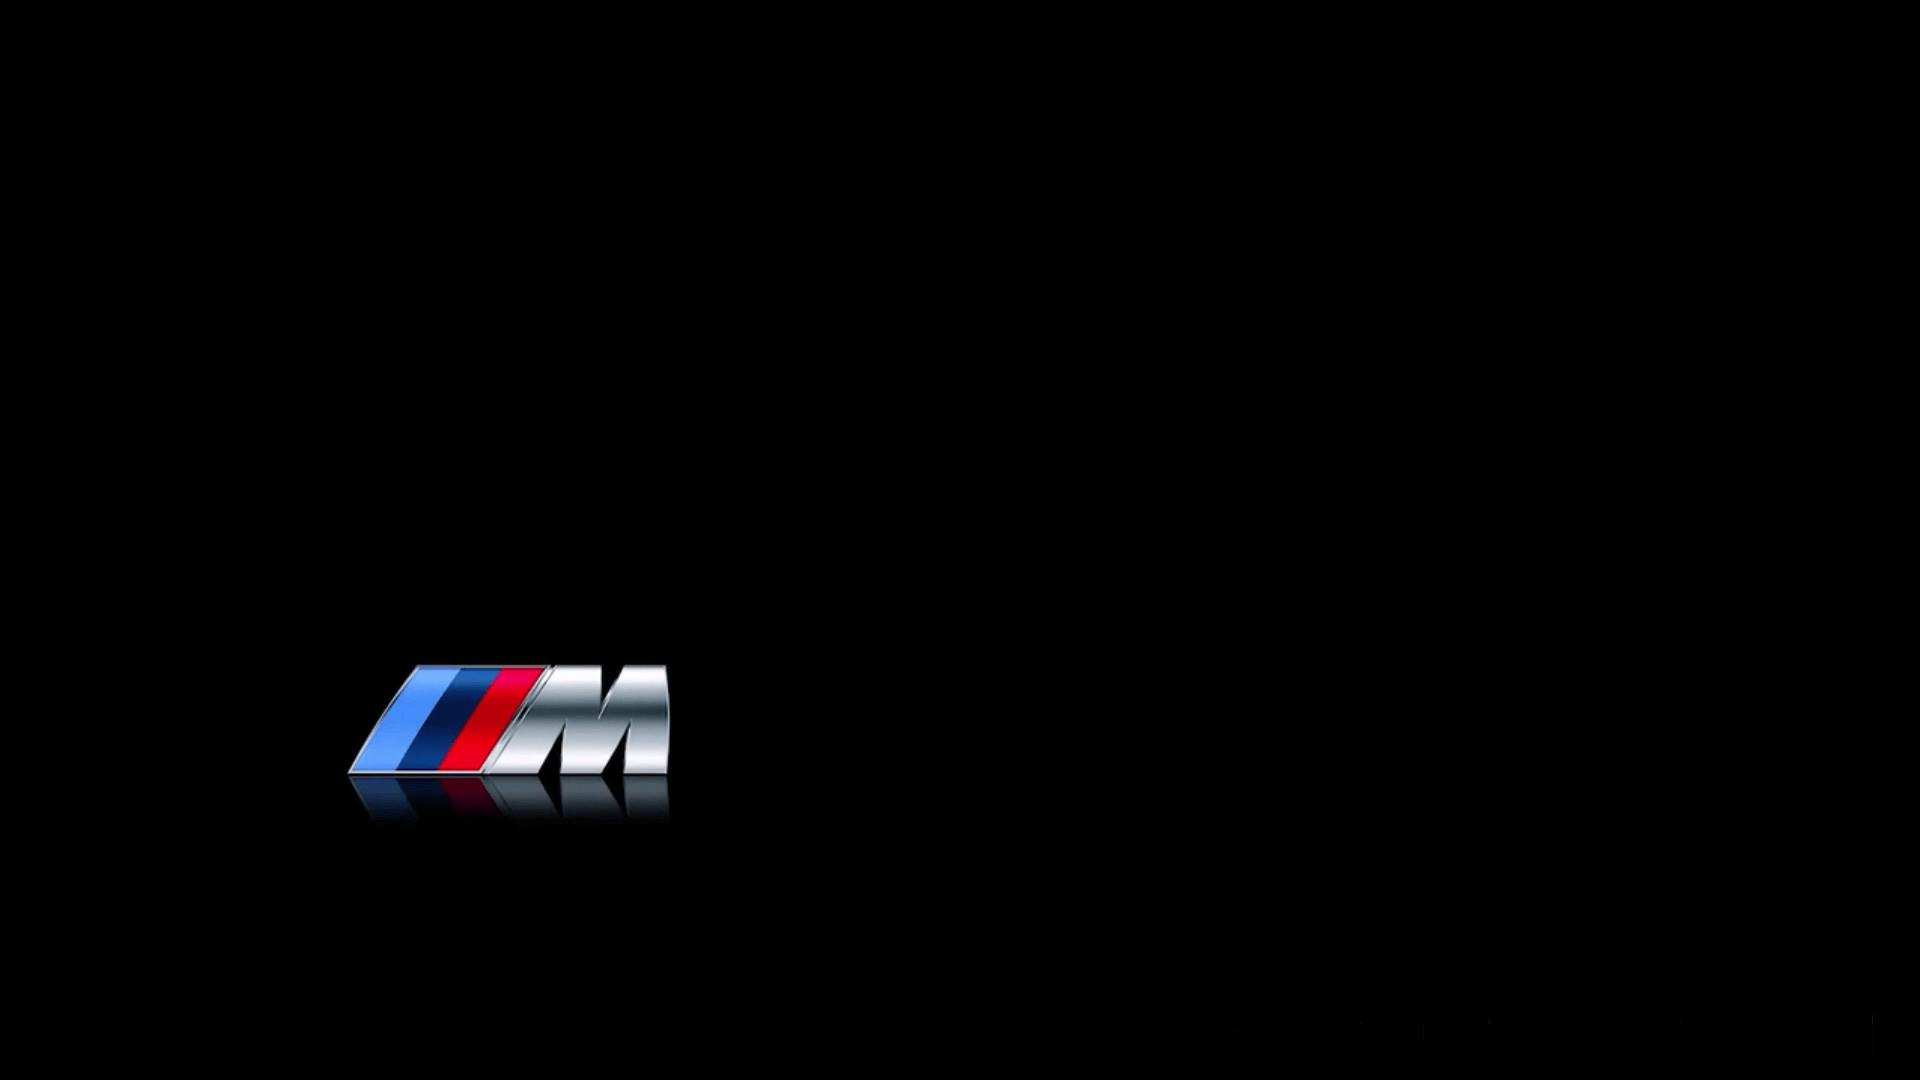 M Logo Wallpaper Mobile BMW M Wallpaper...